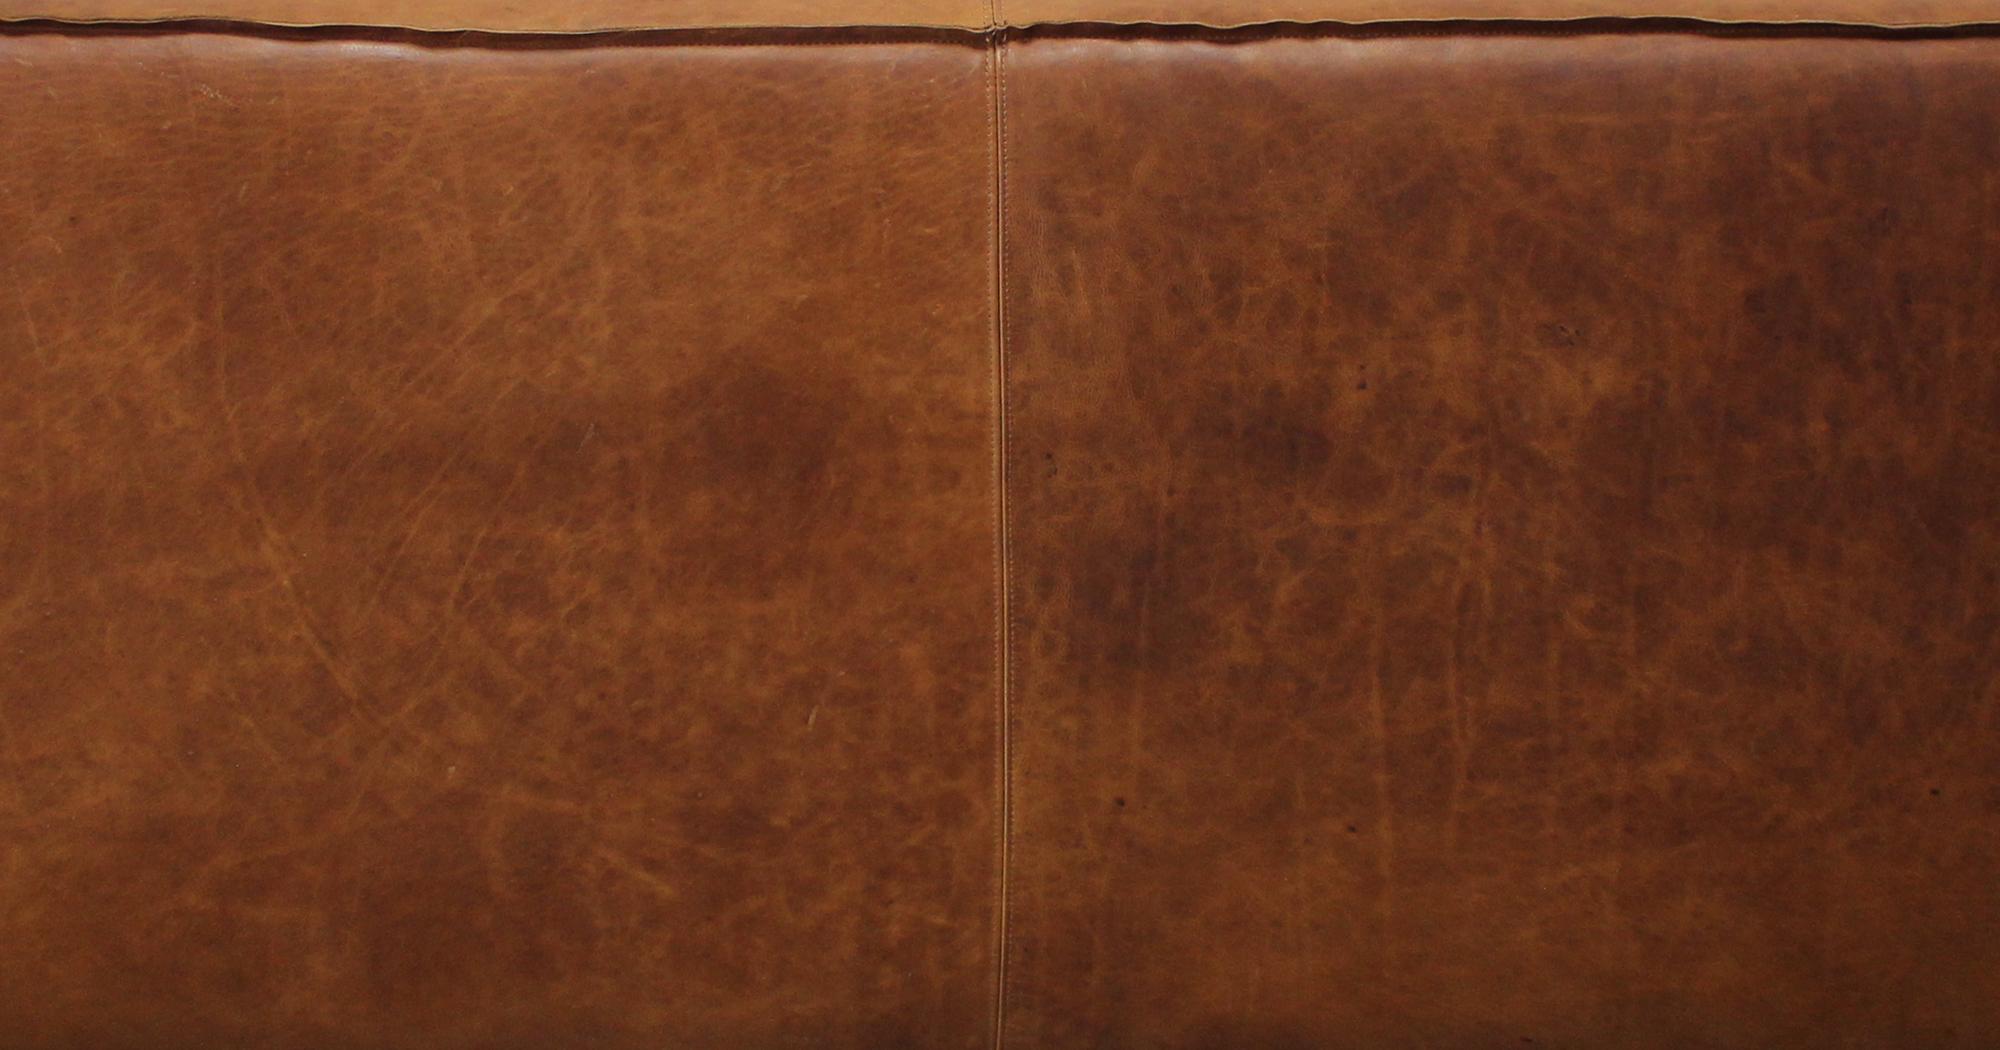 Italian Brentwood Tan Leather